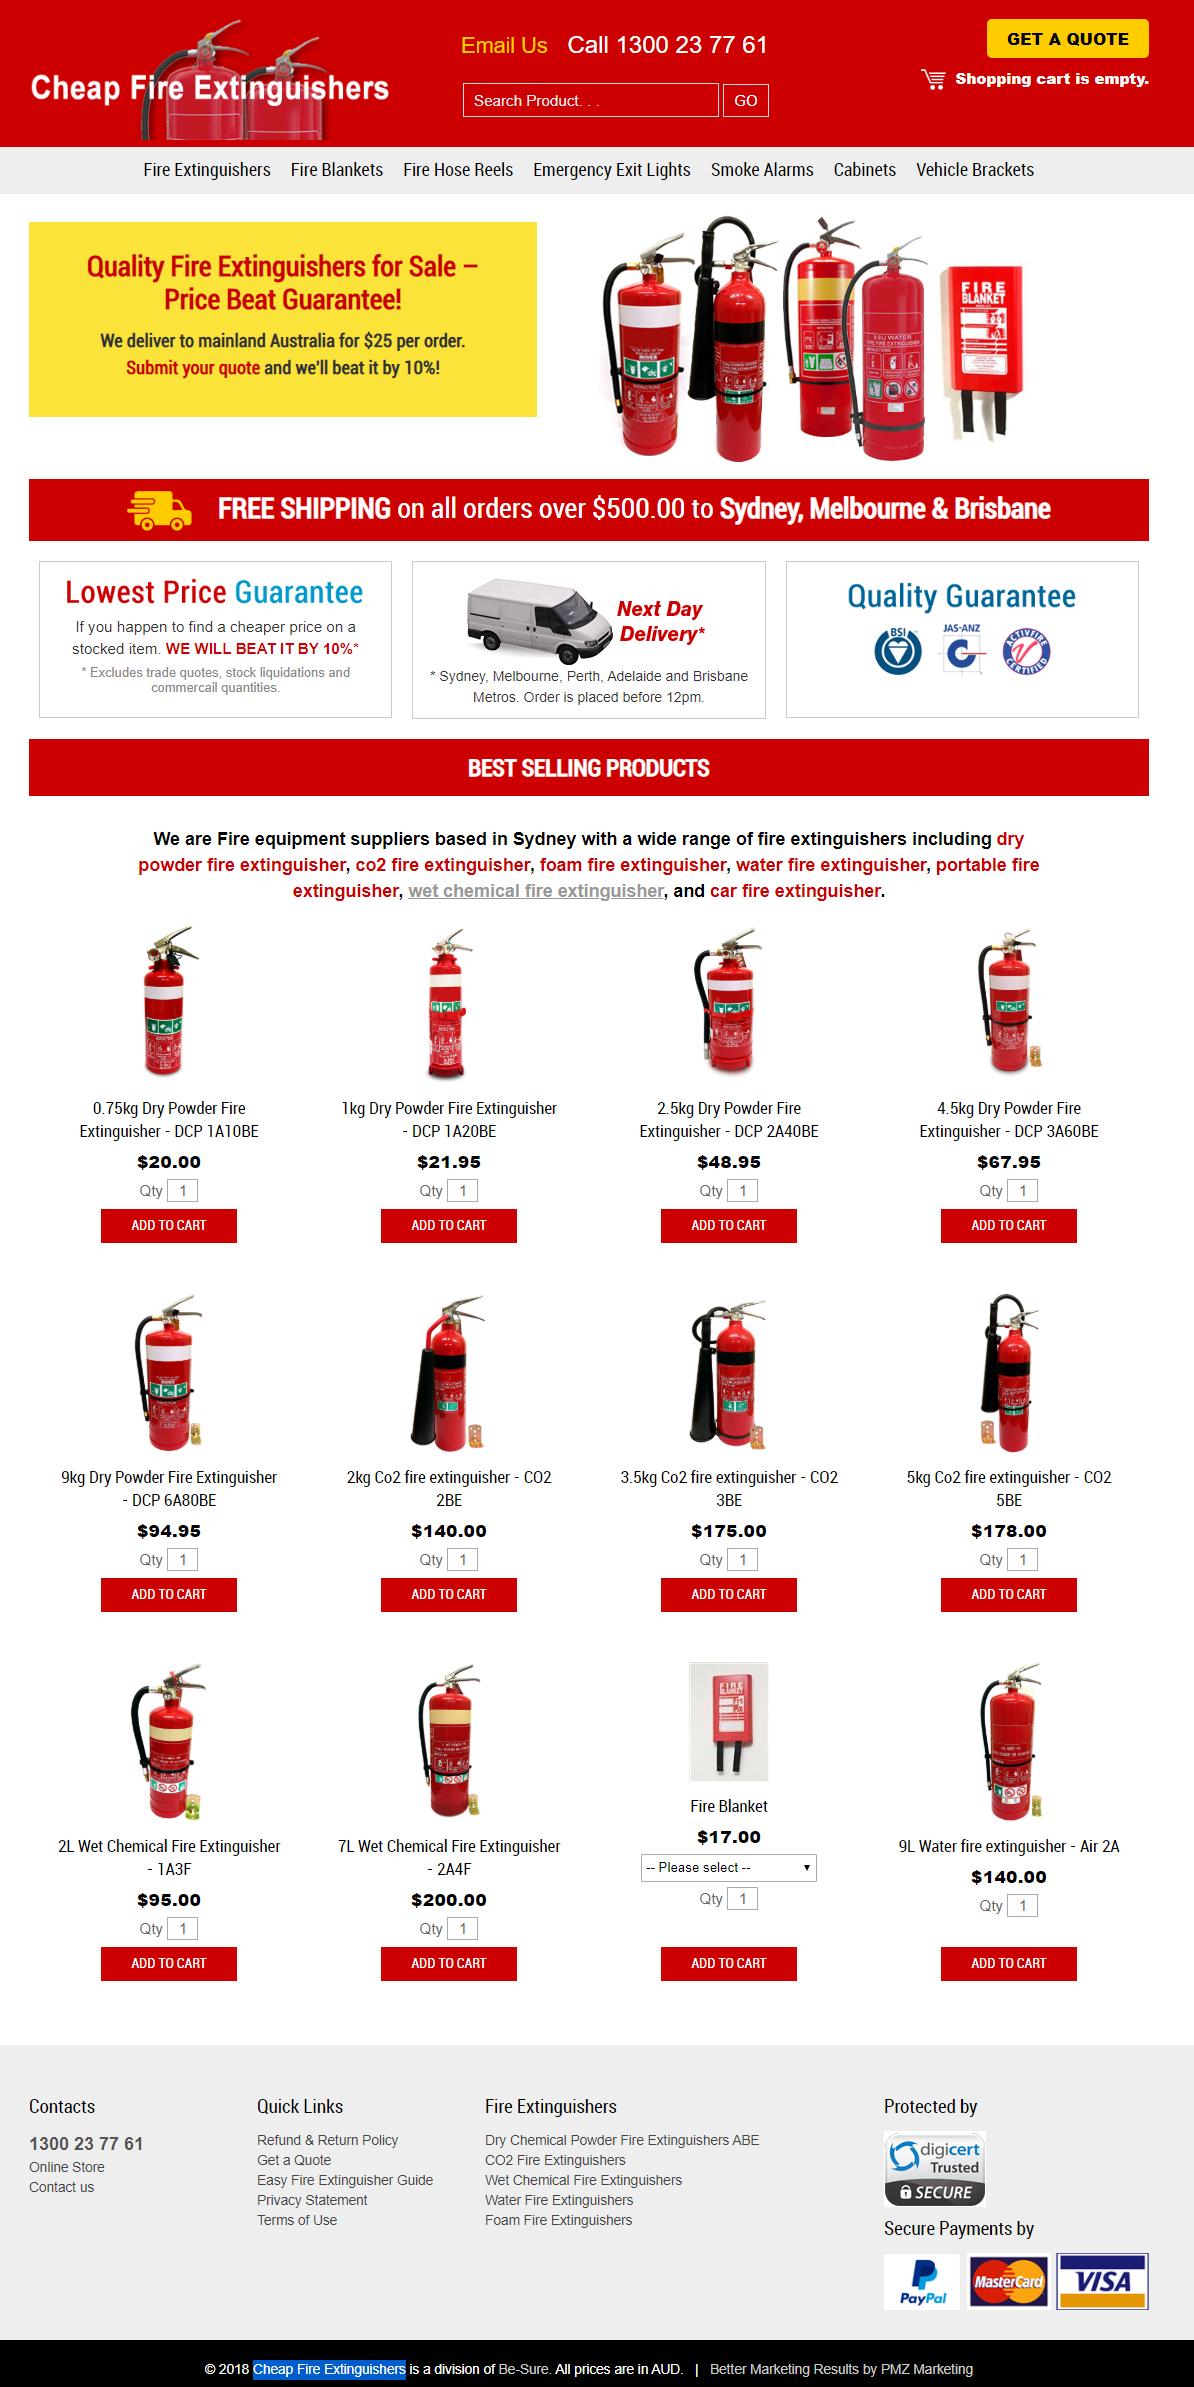 Cheap Fire Extinguishers :: PMZ Marketing Client